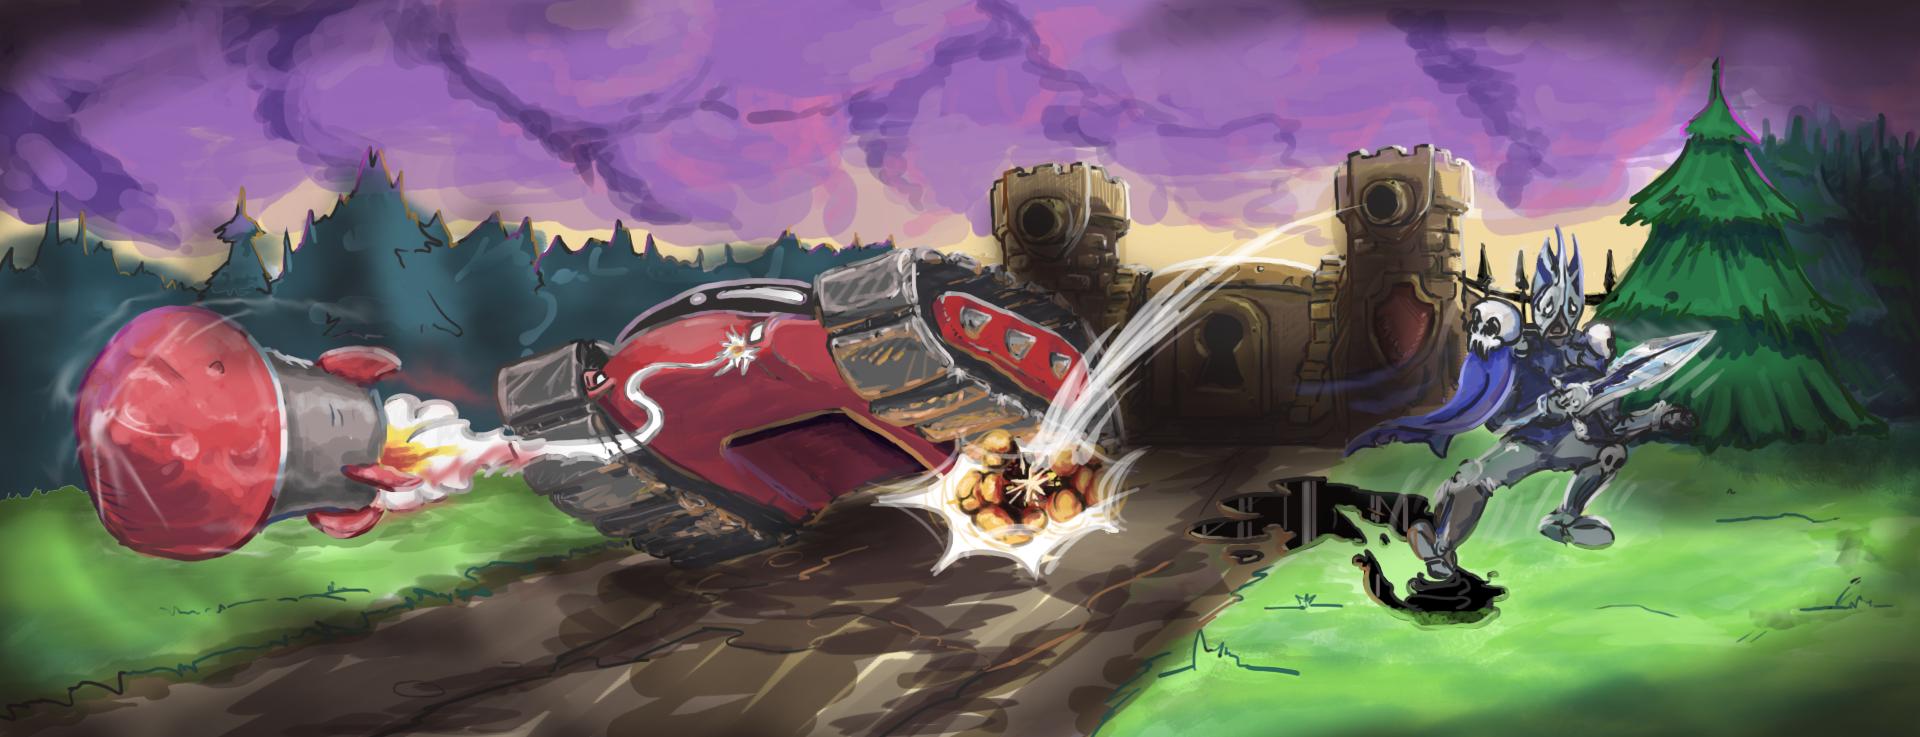 Battle Traсk для HOTS  - Изображение 1